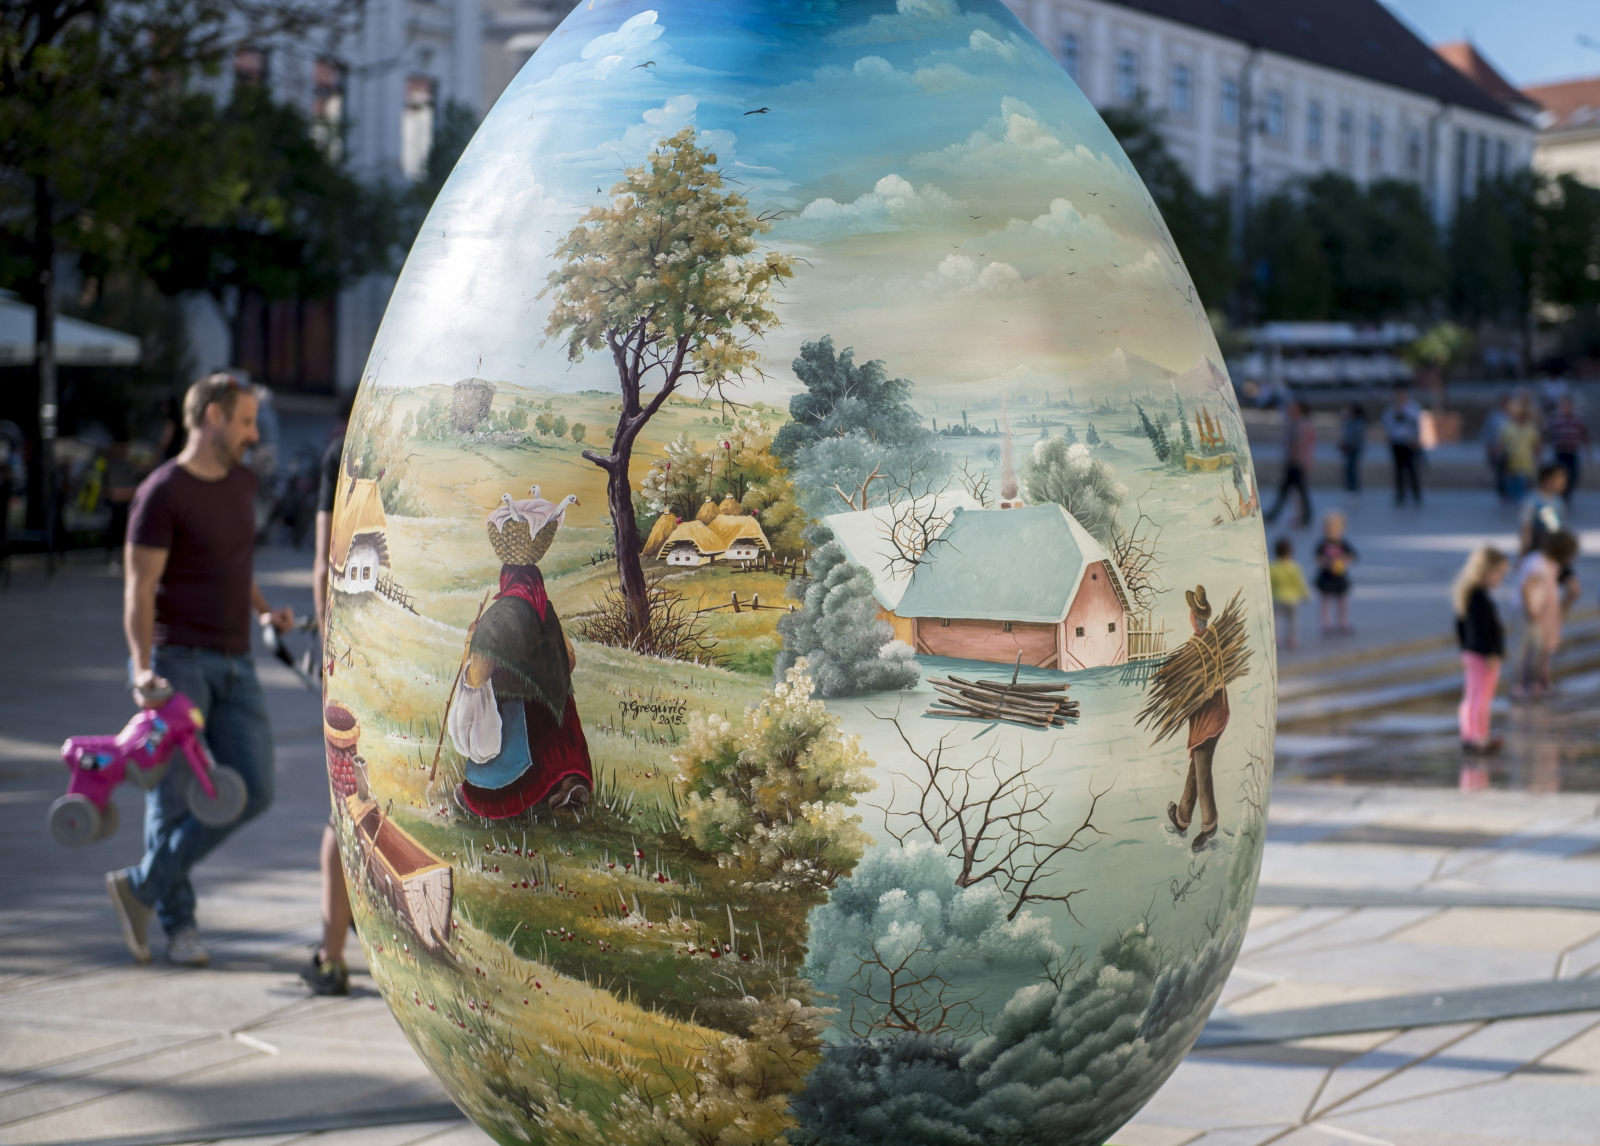 Wielkie jajo świąteczne w Pecs, Węgry. Fot. PAP/EPA/Tamas Soki